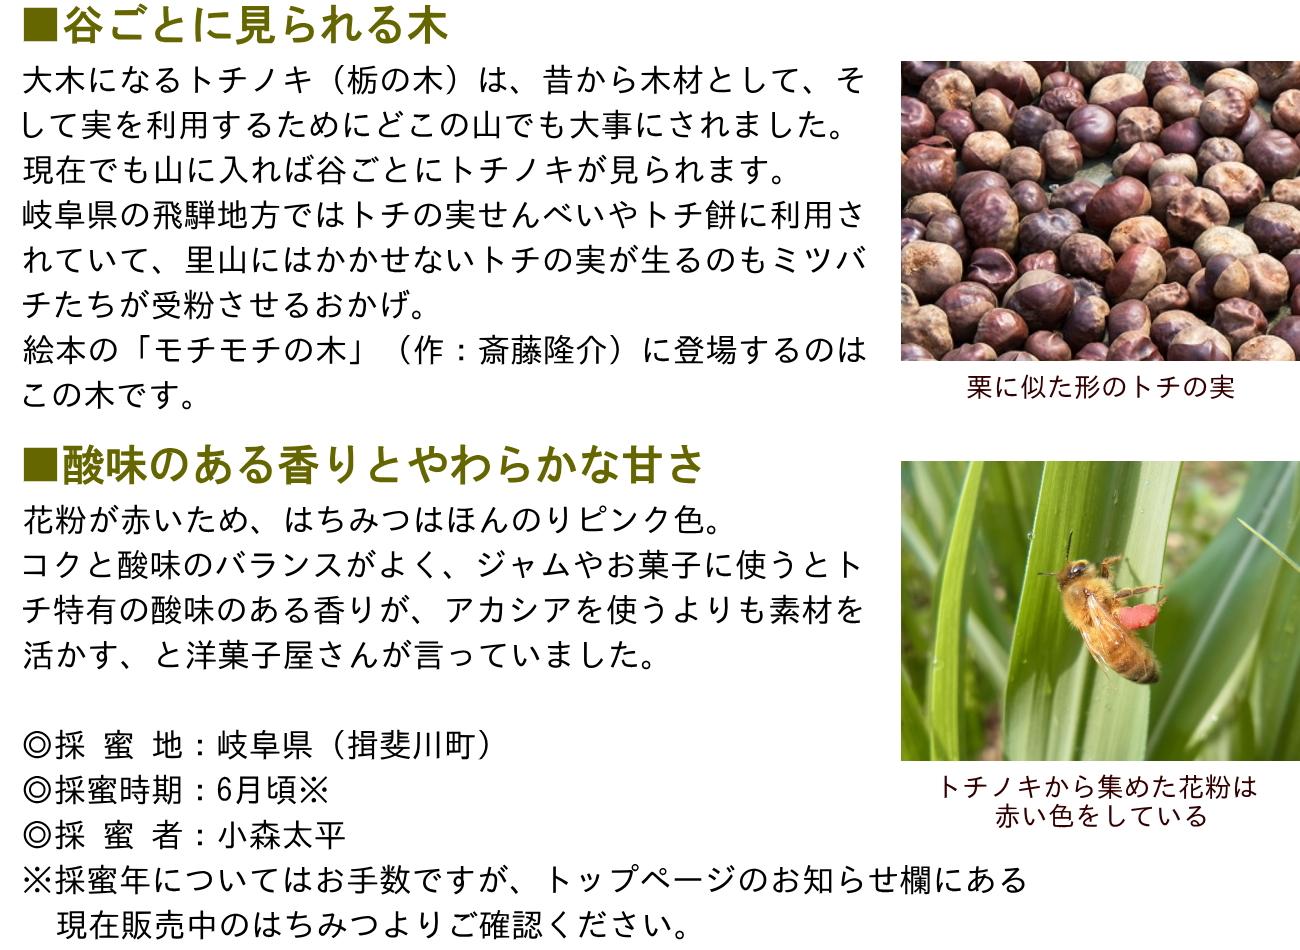 ■谷ごとに見られる木 大木になるトチノキ(栃の木)は、昔から木材として、そして実を利用するためにどこの山でも大事にされました。現在でも山に入れば谷ごとにトチノキが見られます。岐阜県の飛騨地方ではトチの実せんべいやトチ餅に利用されていて、里山にはかかせないトチの実が生るのもミツバチたちが受粉させるおかげ。絵本の「モチモチの木」(作:斎藤隆介)に登場するのはこの木です。■フローラルな香りとやわらかな甘さ 花粉が赤いため、はちみつはほんのりピンク色。コクと酸味のバランスがよく、ジャムやお菓子に使うとトチ特有のフローラルな香りが、アカシアを使うよりも素材を活かす、と洋菓子屋さんが言っていました。◎採 蜜 地:岐阜県(揖斐川町)◎採蜜時期:6月頃※◎採 蜜 者:小森太平※採蜜年についてはお手数ですが、トップページのお知らせ欄にある現在販売中のはちみつよりご確認ください。栗に似た形のトチの実 トチノキから集めた花粉は赤い色をしている